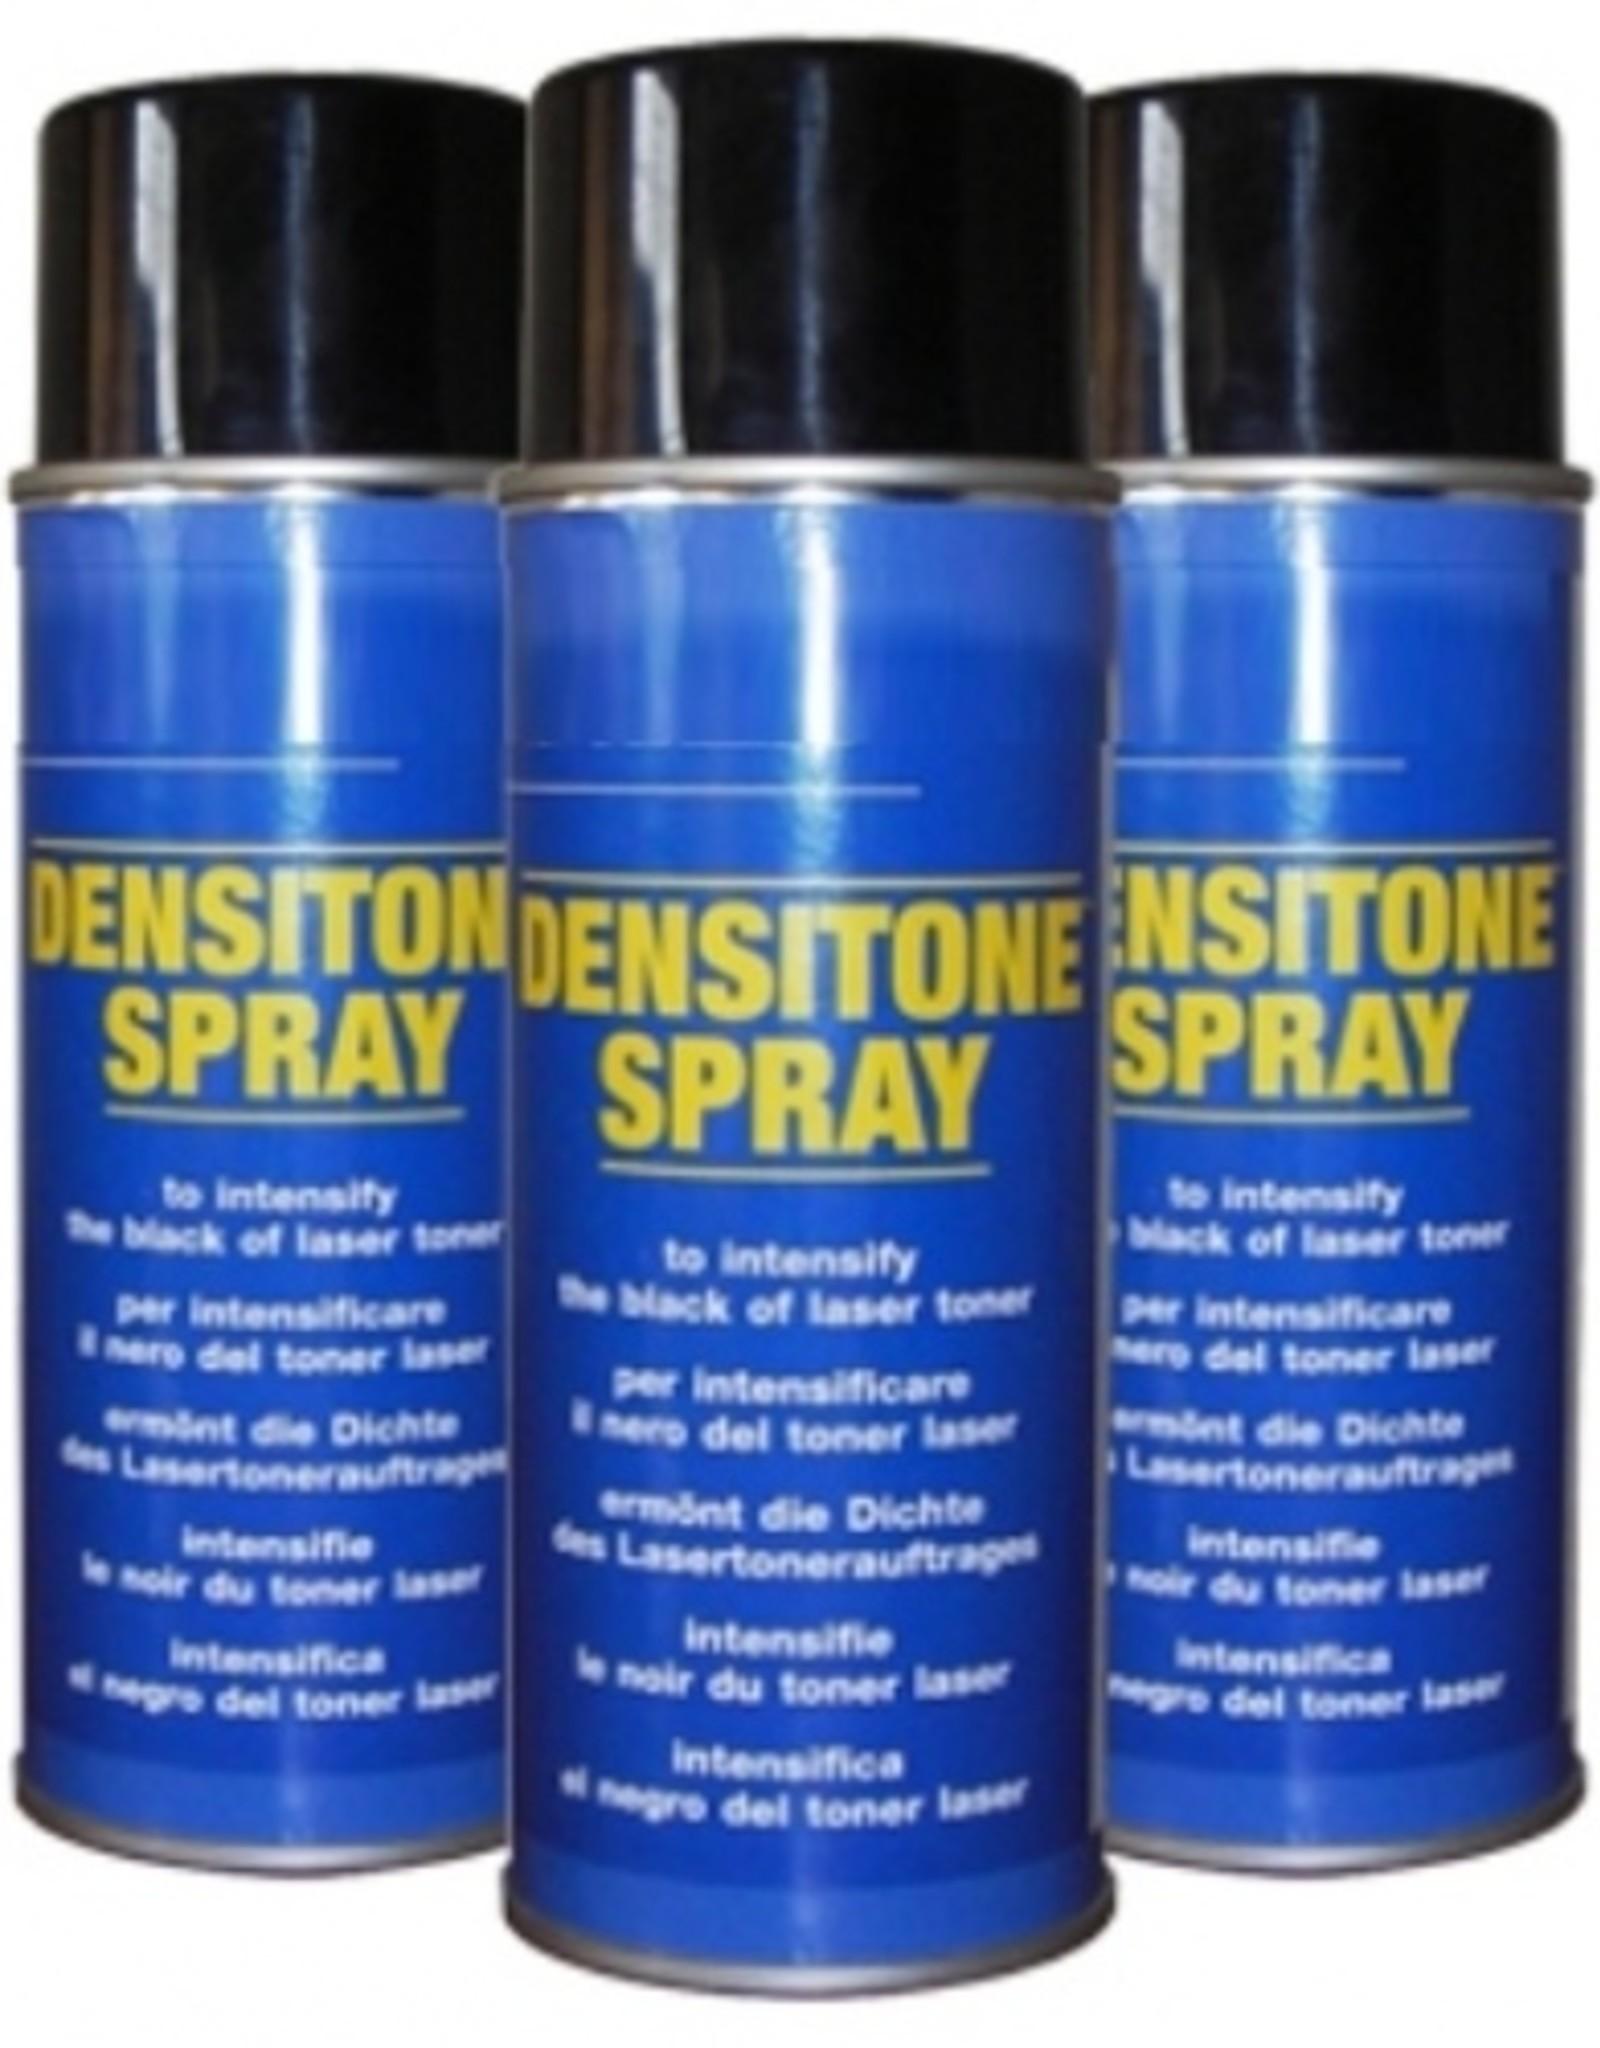 Policrom Policrom Blackmaker 400 ml Densitone Spray. Versterkt het vermogen van toner om (uv-licht) tegen te houden. Dit kan nuttig zijn voor min of meer bleke toner op papier of op sheet of film, die met Blakcmaker juist voldoende zwart wordt voor belichting.